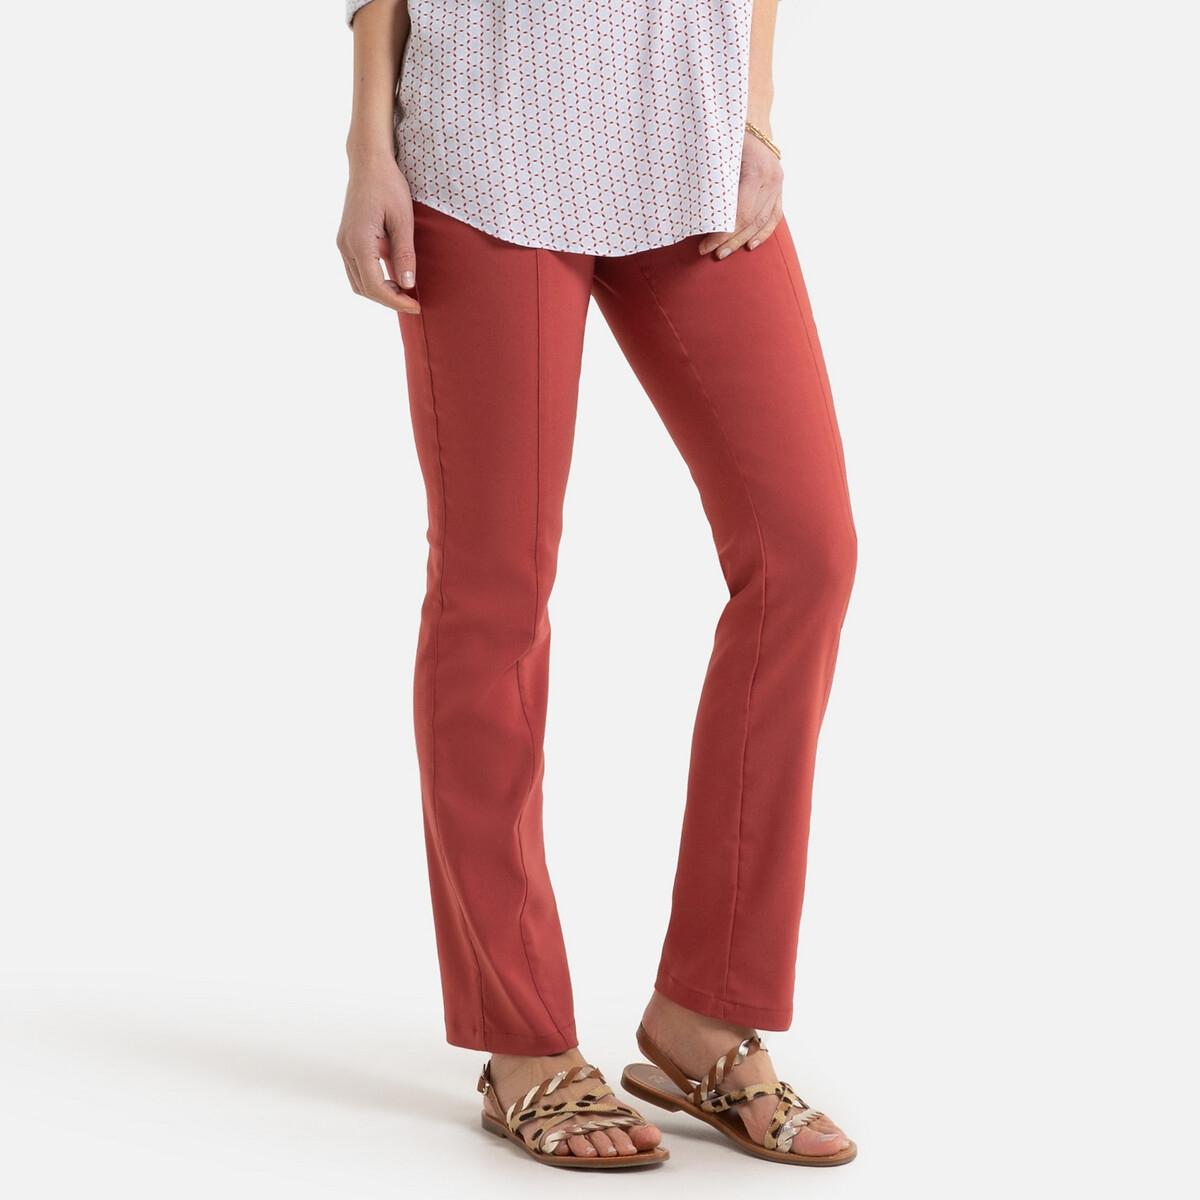 Фото - Брюки LaRedoute В городском стиле из ткани стретч с эластичными вставками на поясе 52 (FR) - 58 (RUS) красный брюки в городском стиле из ткани стретч с удлиняющими вырезами